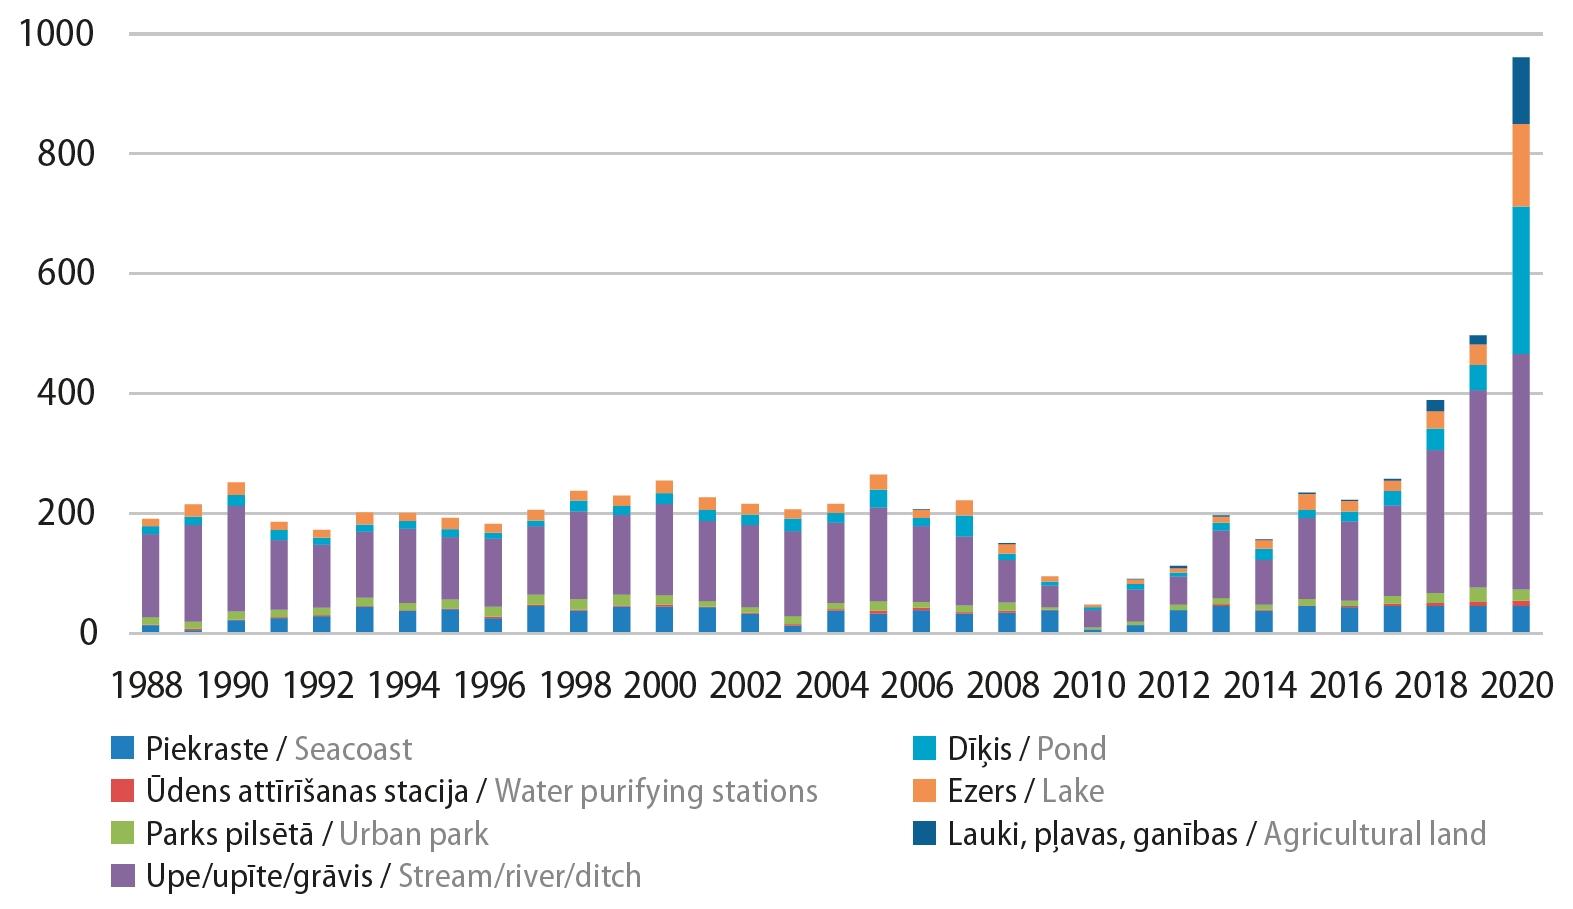 2. ATTĒLS. 1988.–2020. gadā dažādos biotopos ziņoto vietu skaits. /// FIGURE 2. IWC sites counted in Latvia in 1988-2020 and their habitats.